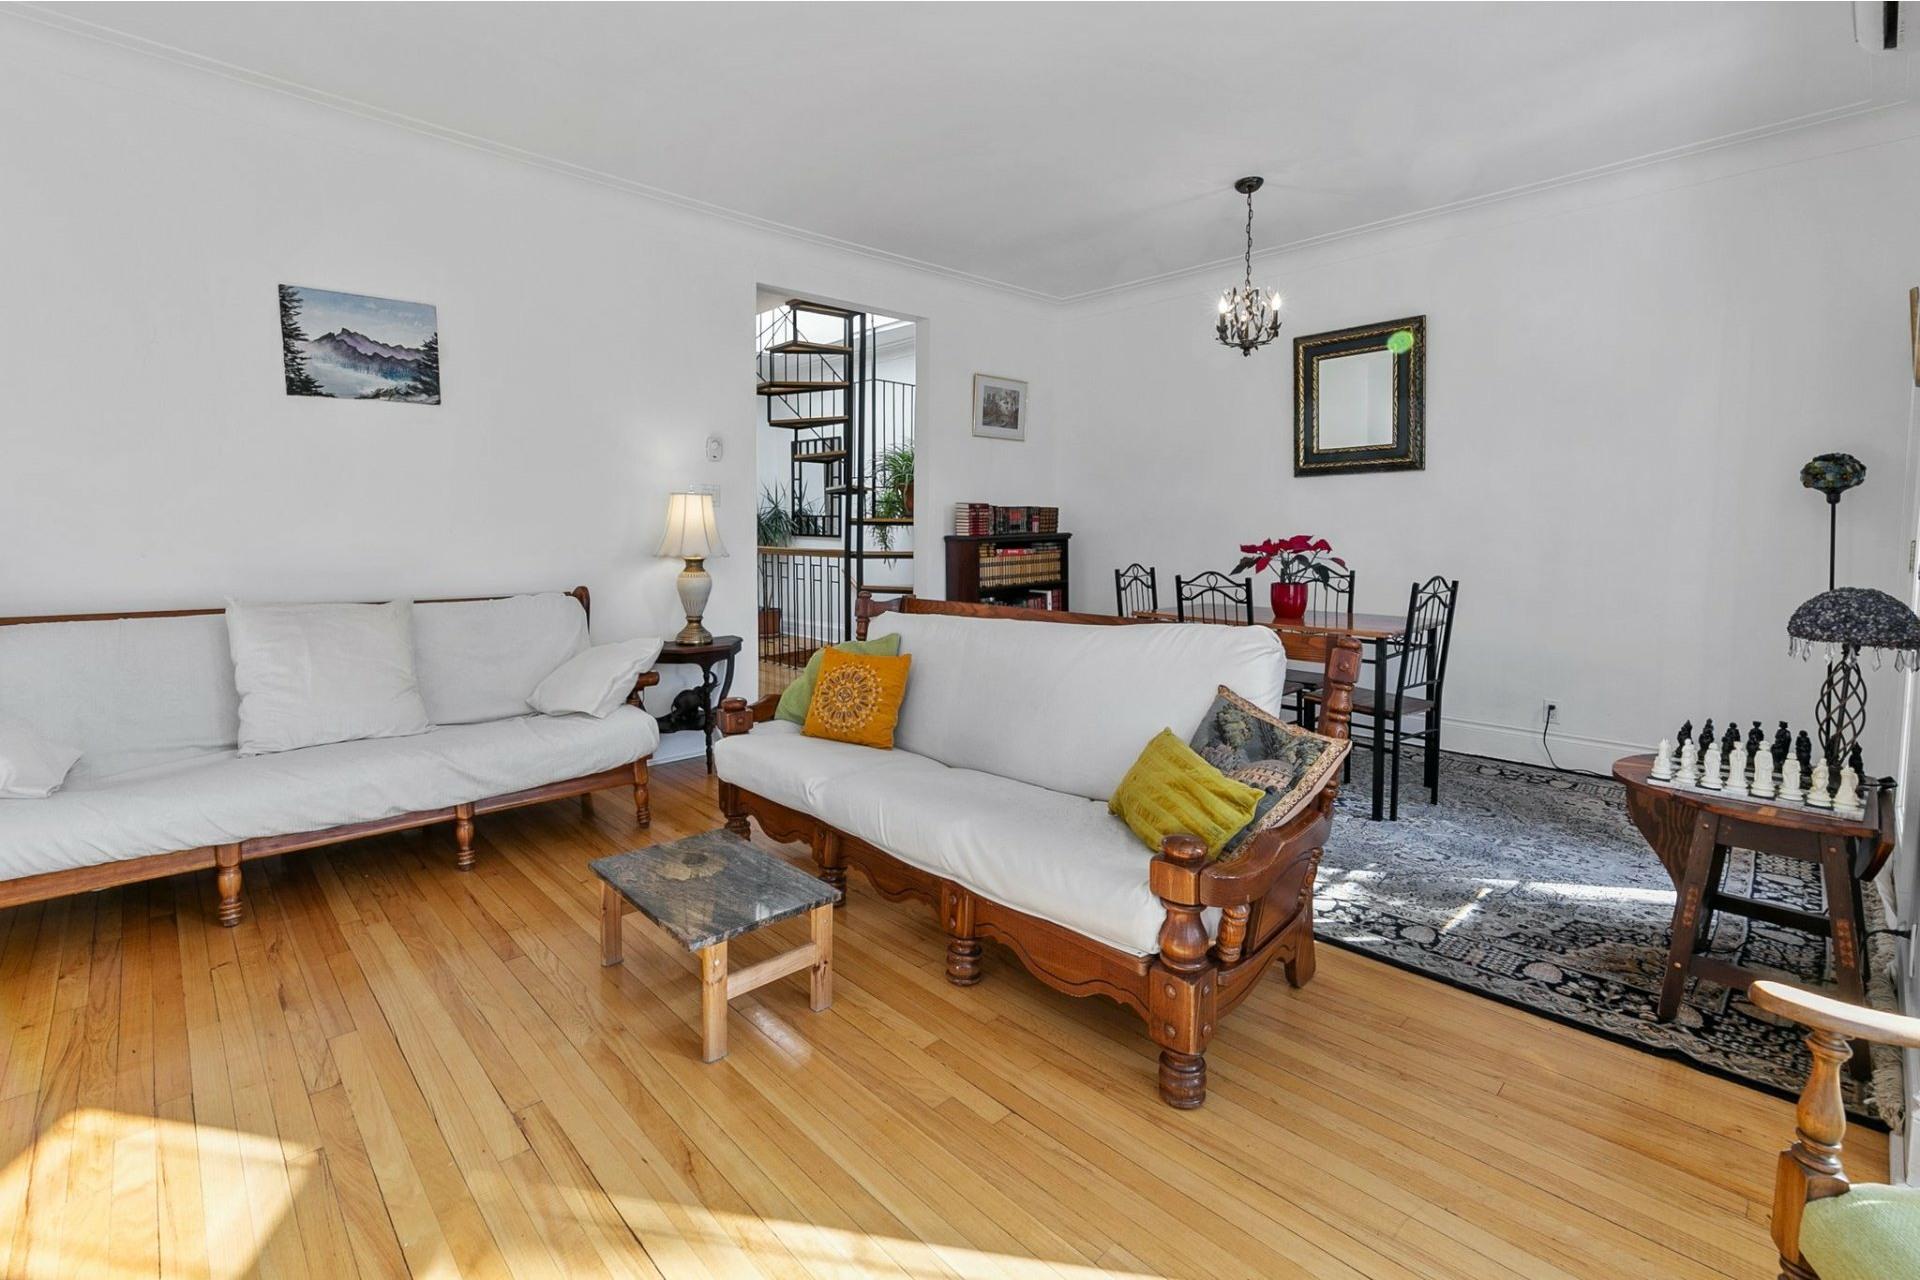 image 4 - Appartement À vendre Côte-des-Neiges/Notre-Dame-de-Grâce Montréal  - 10 pièces